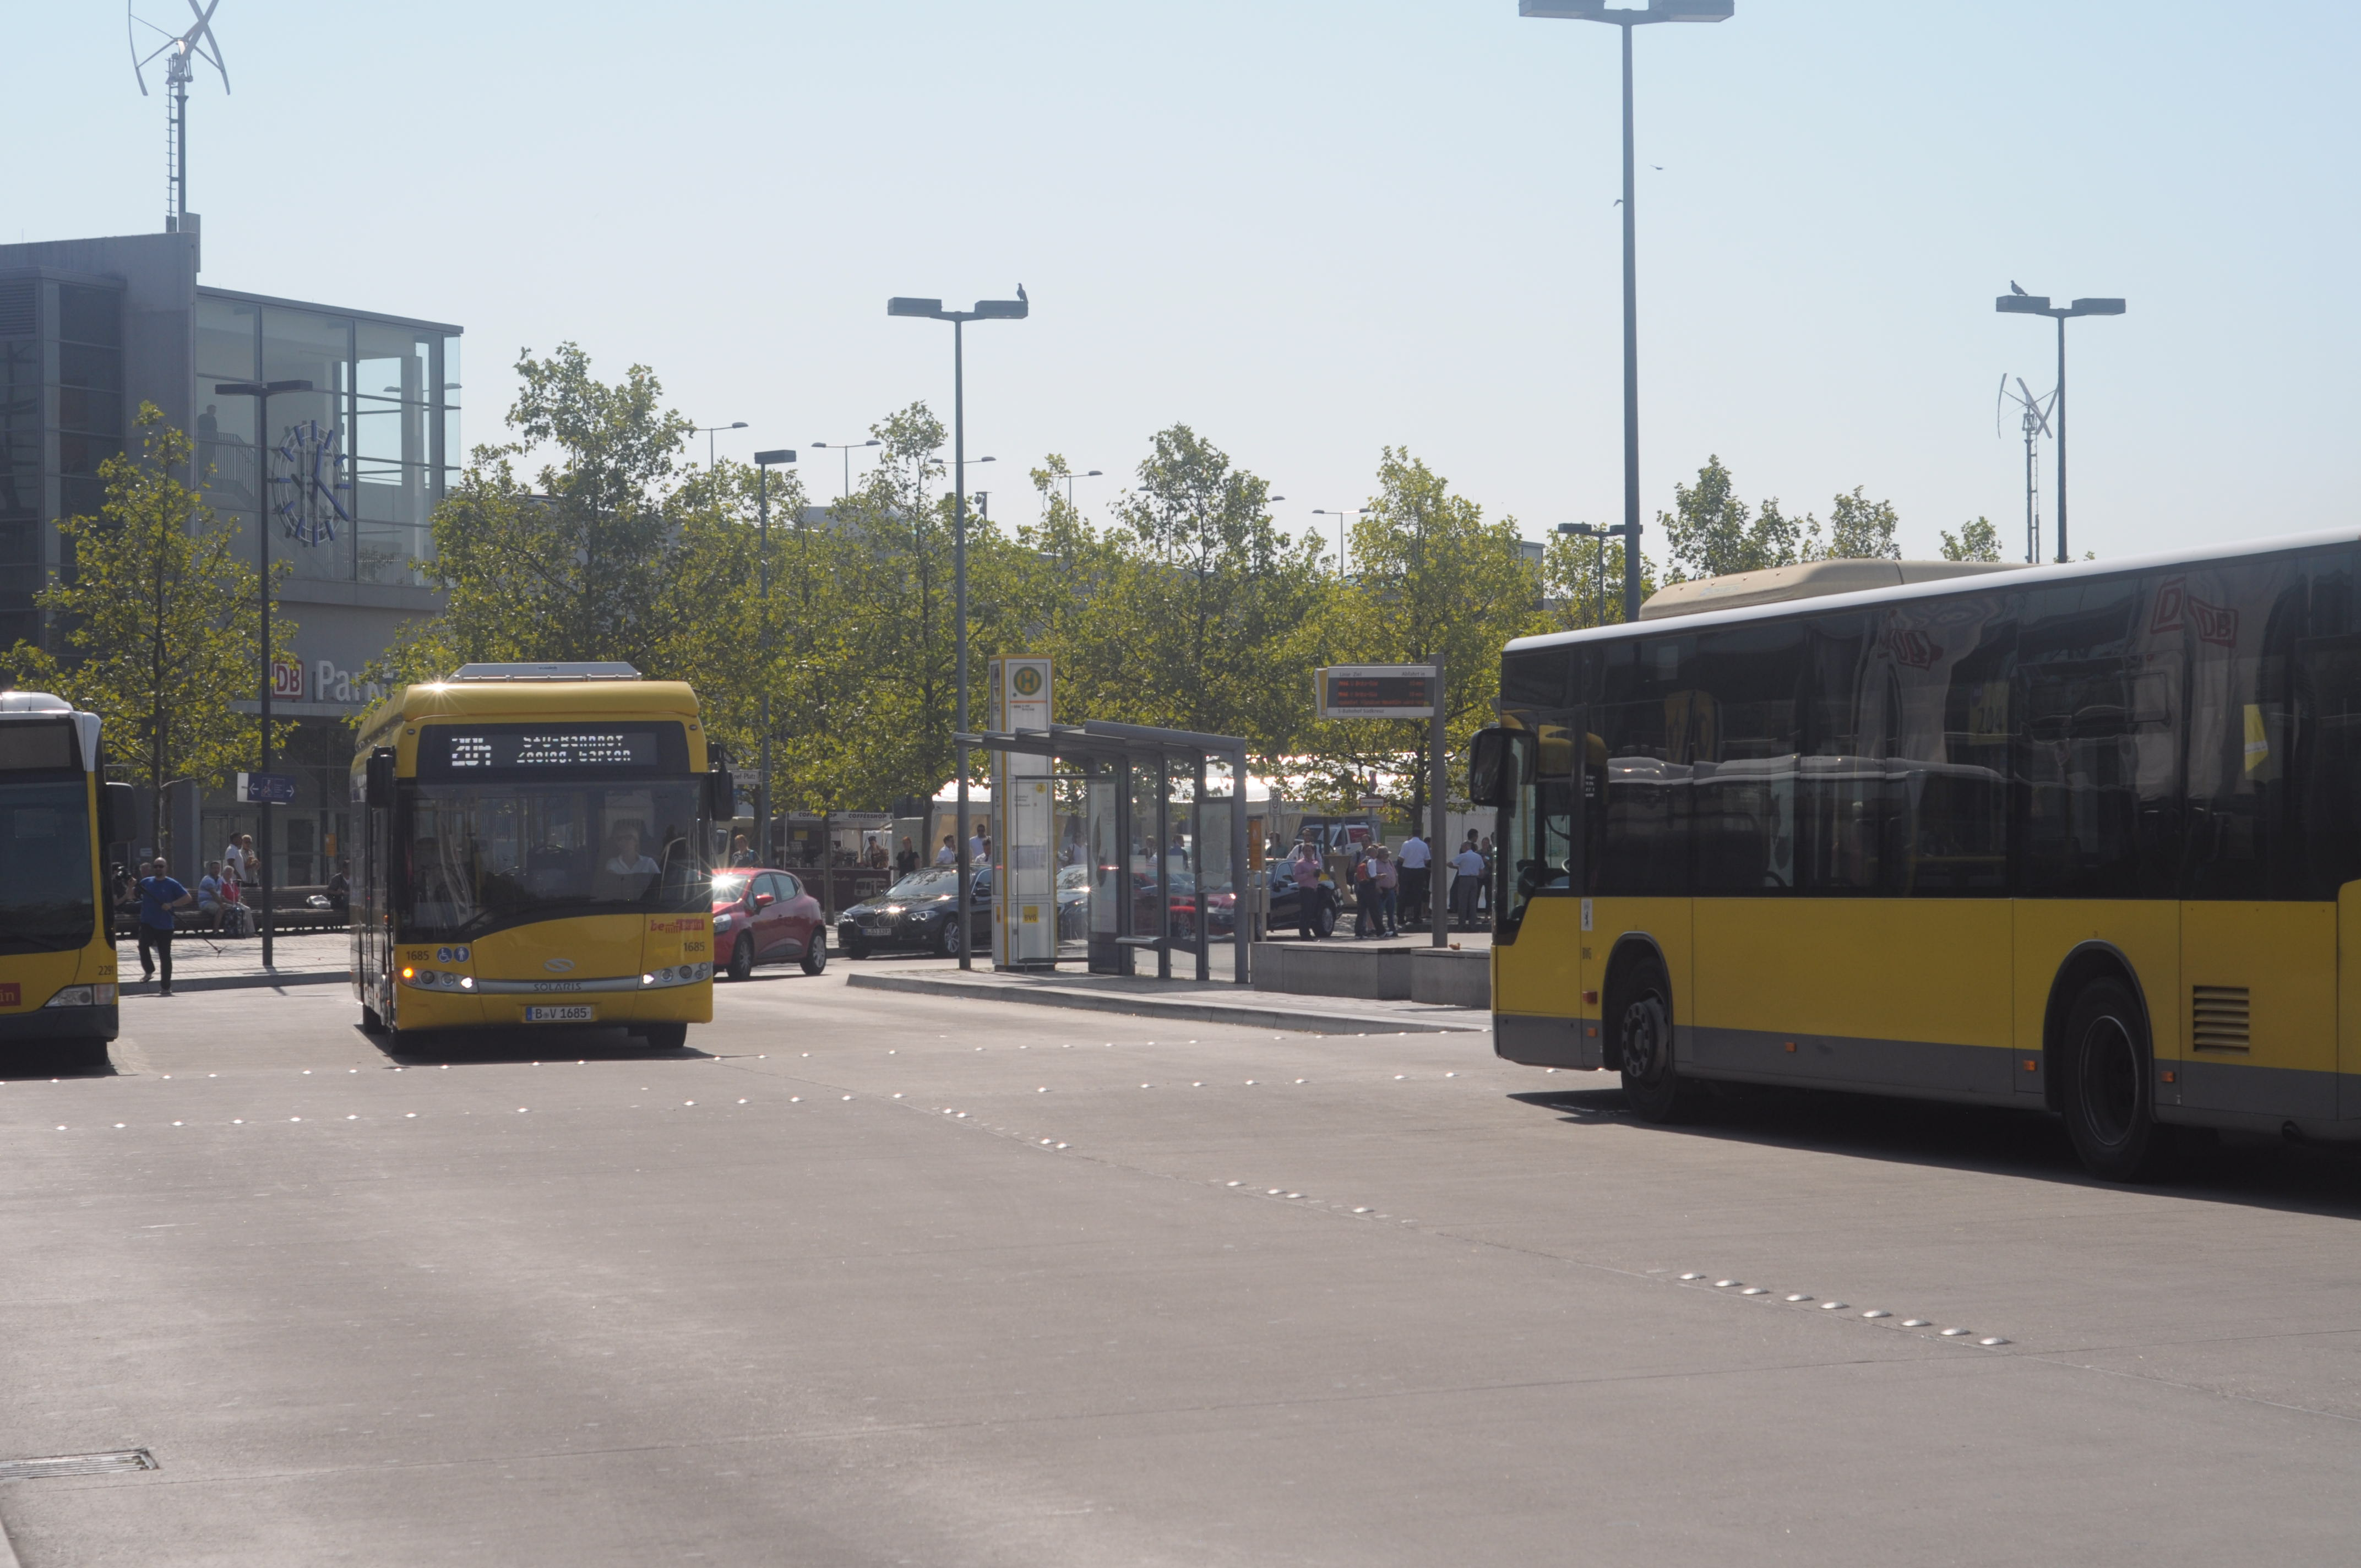 Bombardier Primove: Die BVG hat Probleme mit ihren Berliner Induktionsbussen -